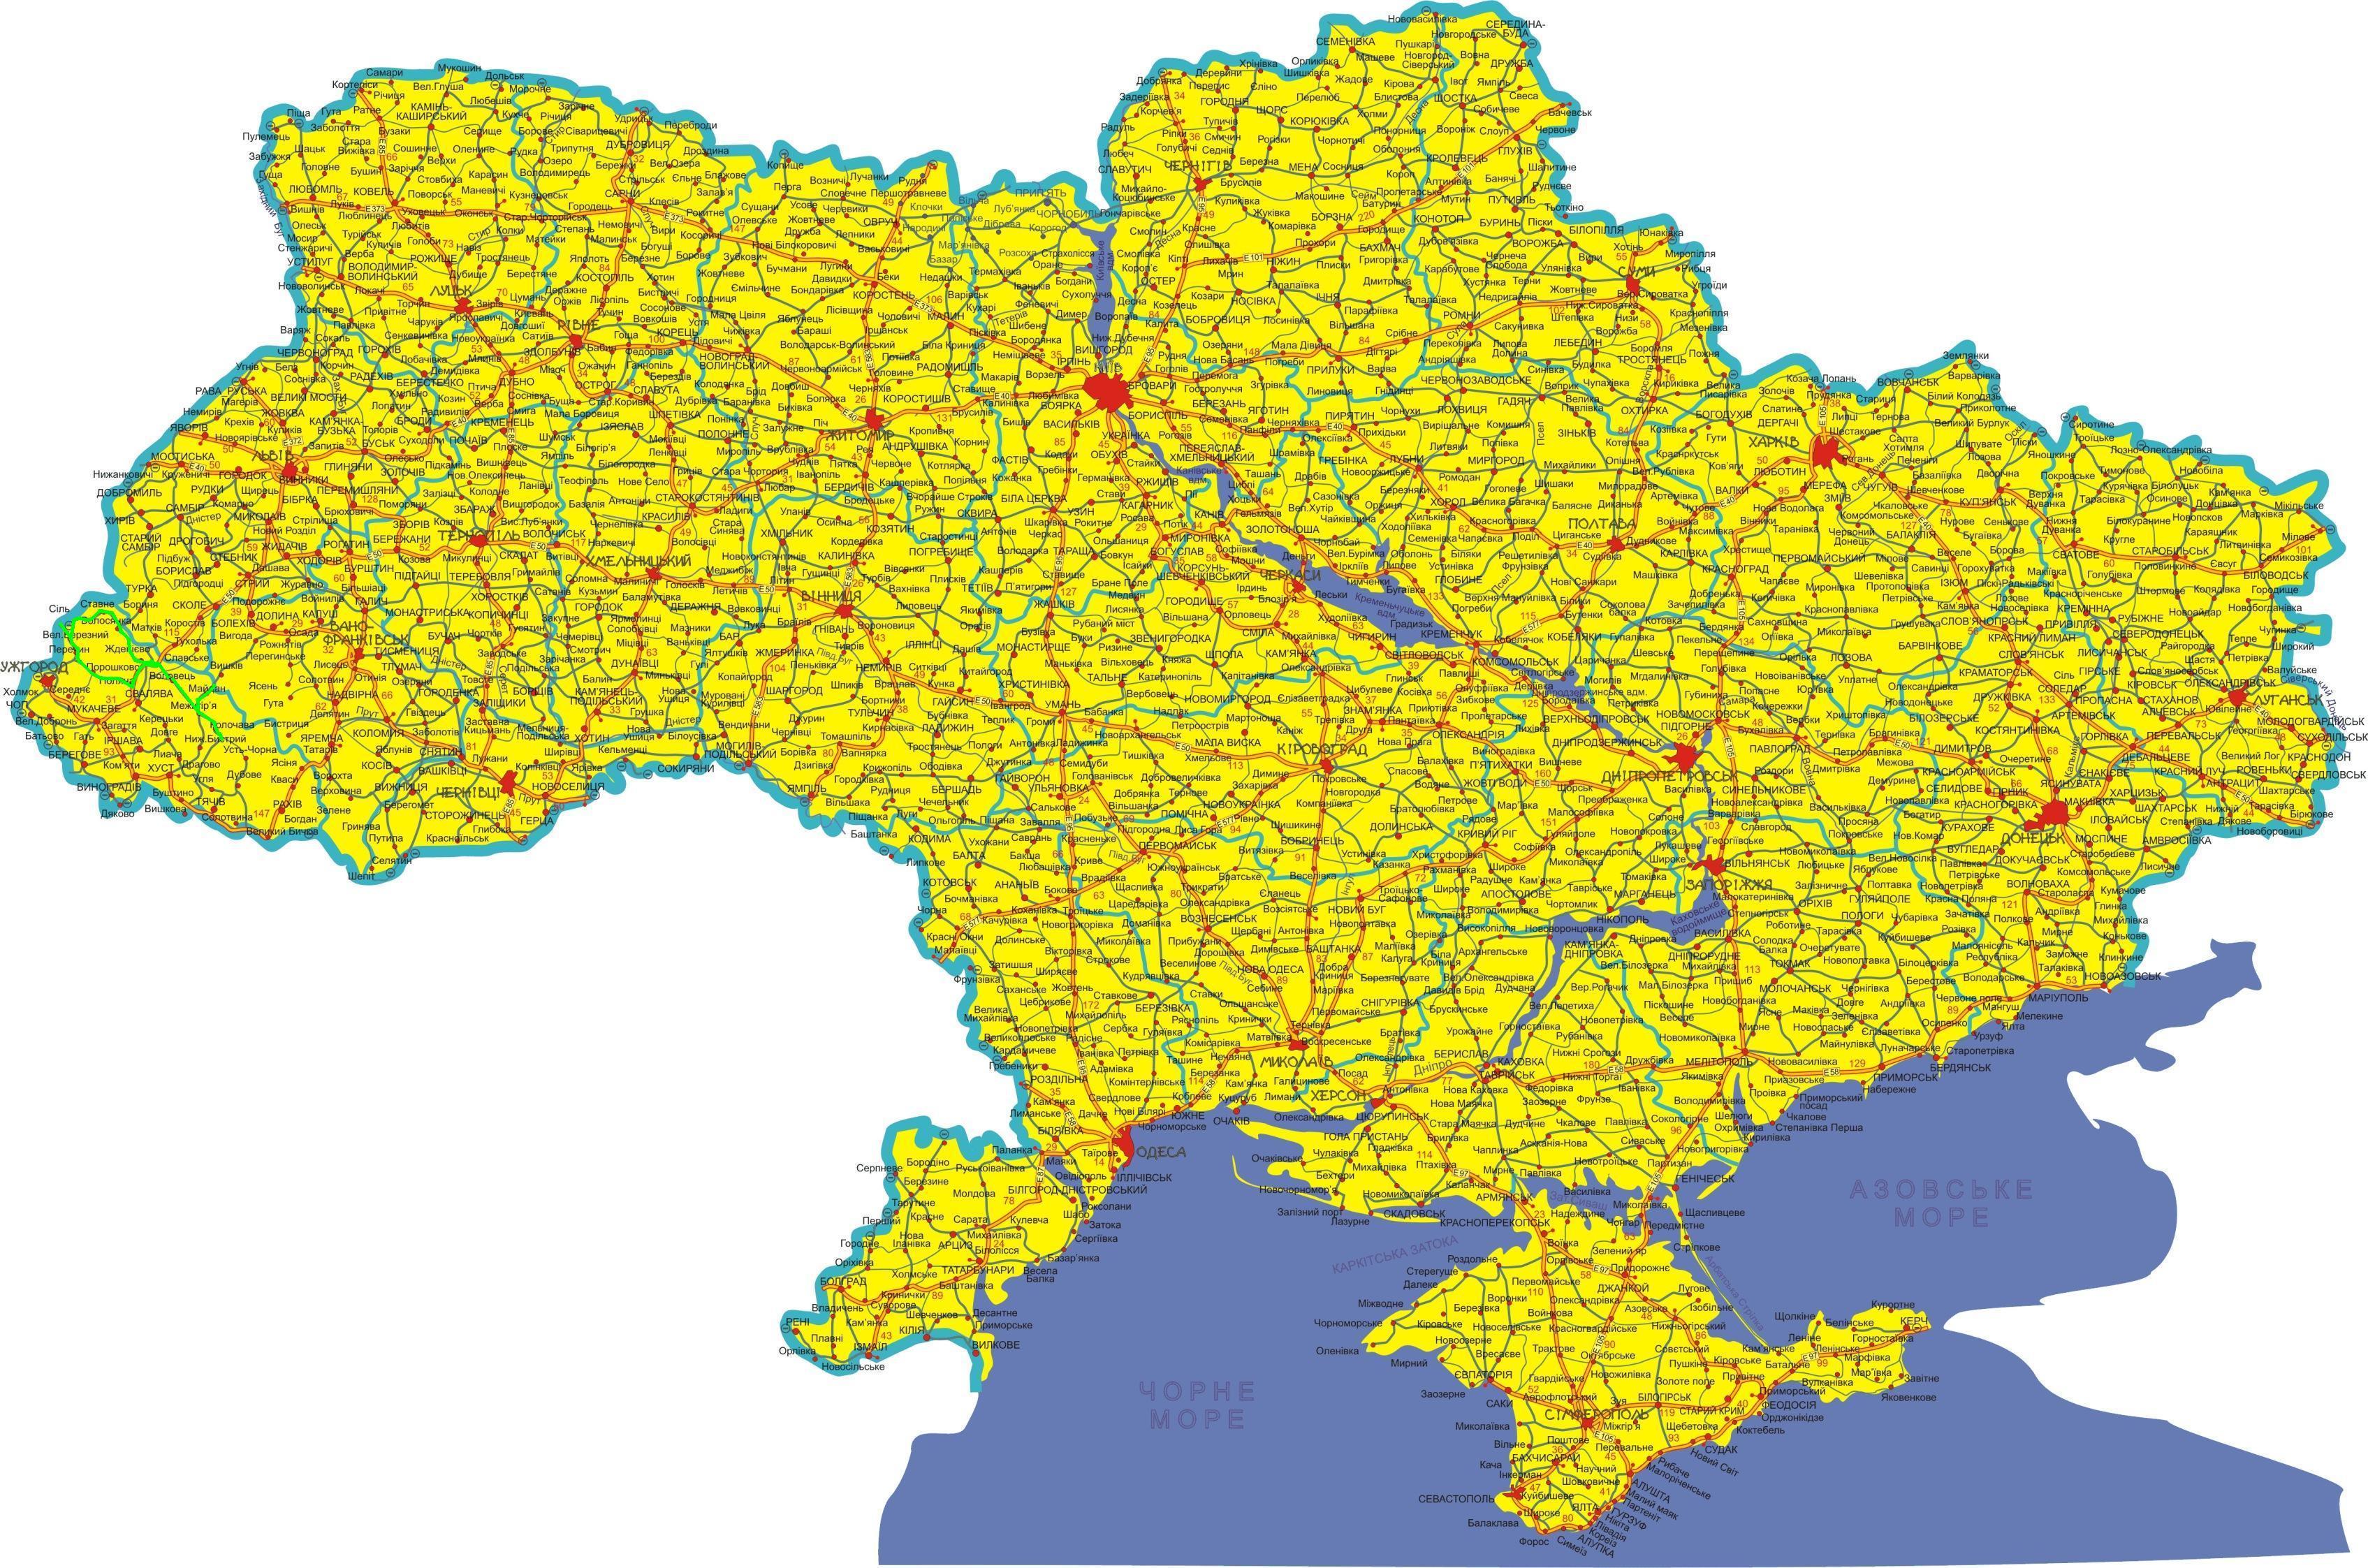 109Ш Херсон Львов Поезд расписание маршрут